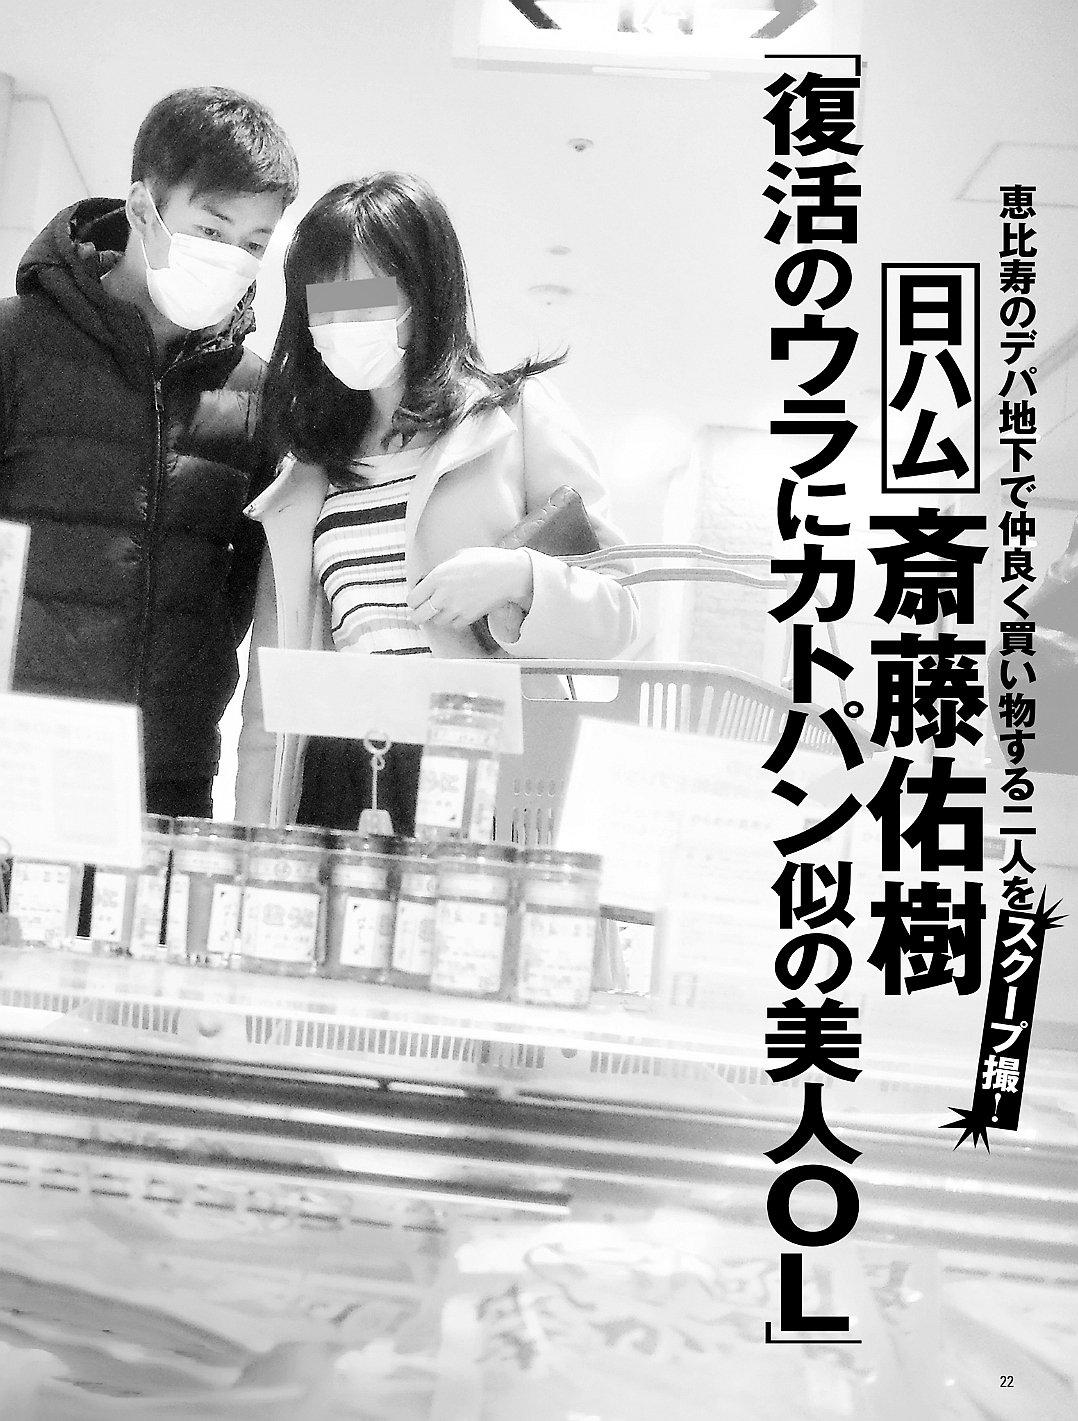 「斎藤佑樹 結婚相手」の画像検索結果